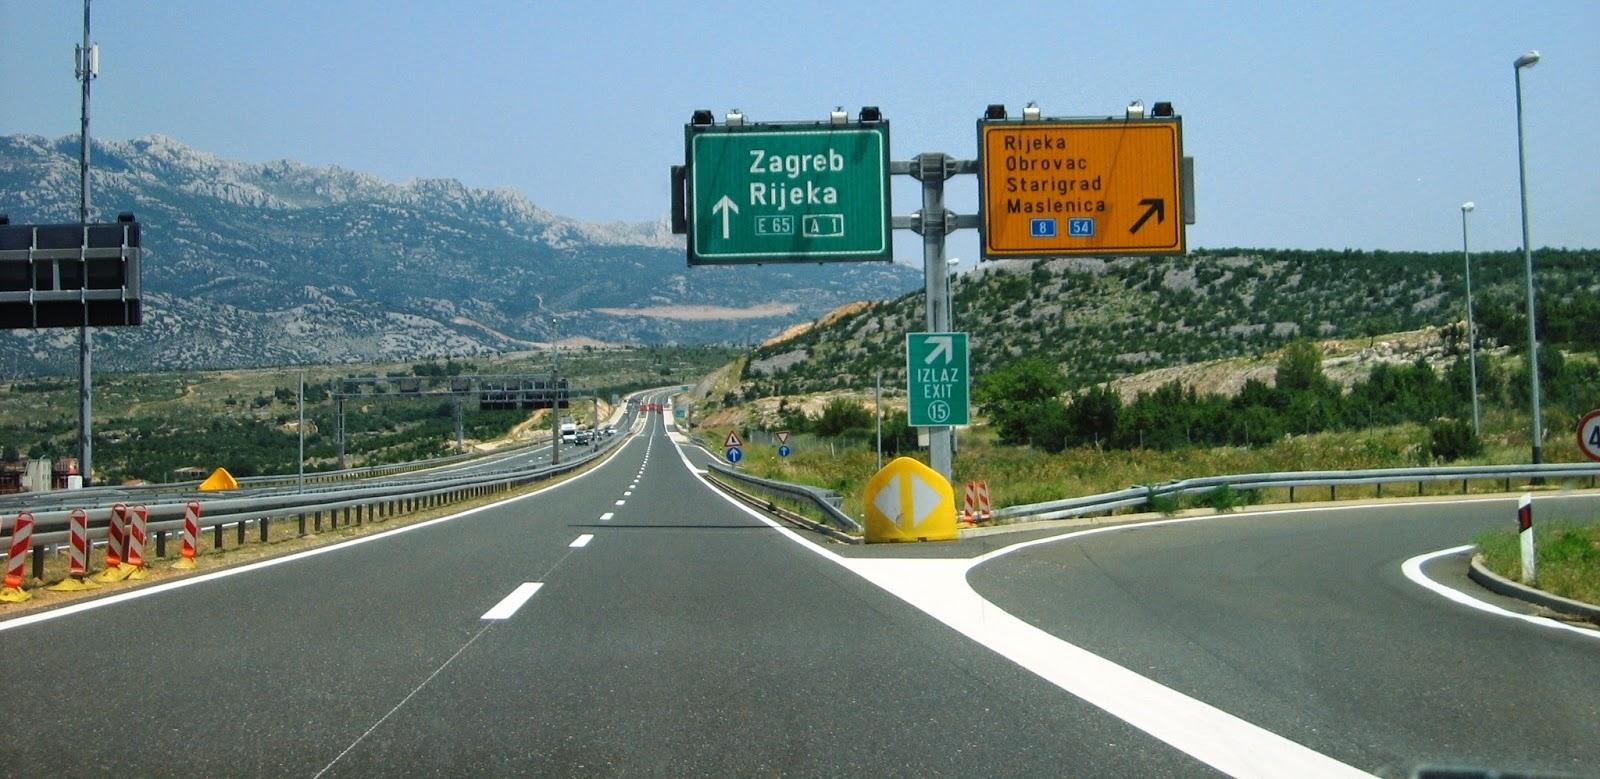 Oznakowanie dróg w Chorwacji